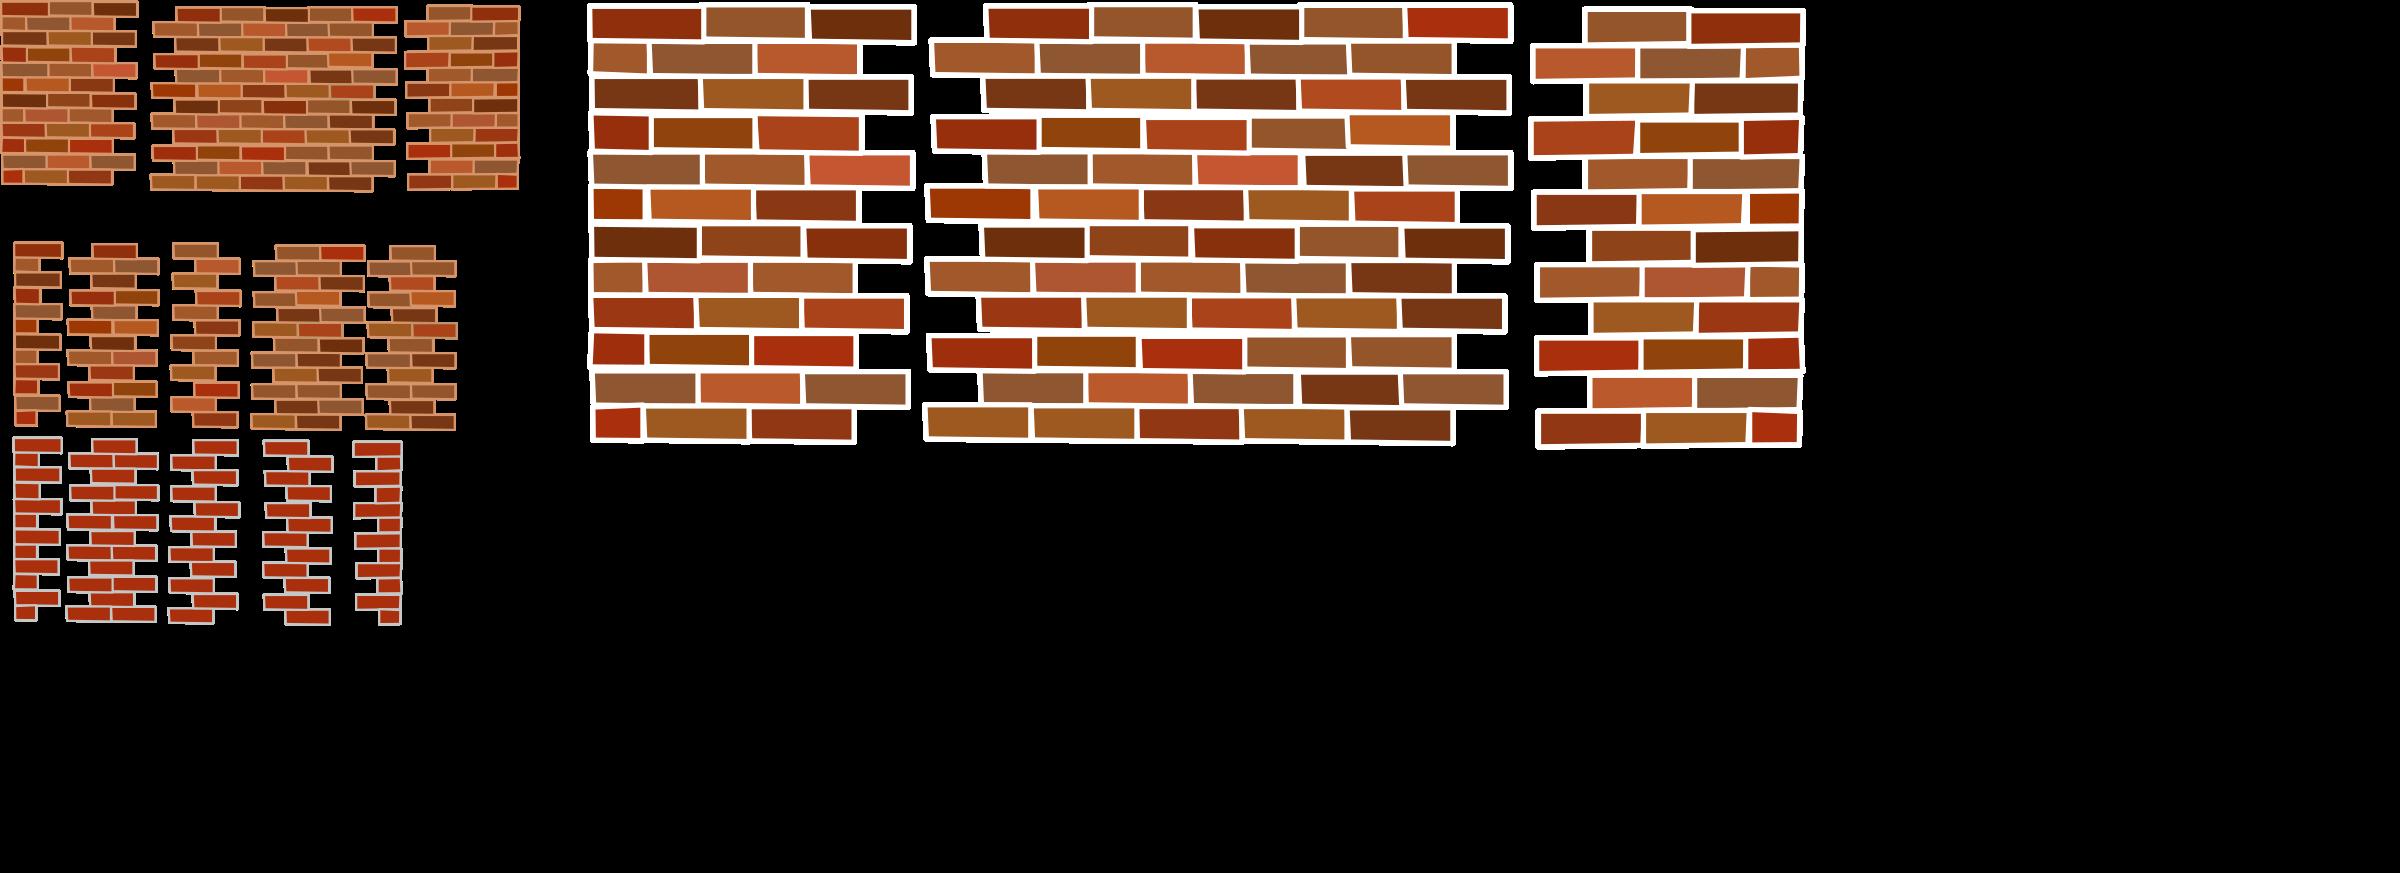 Brick clipart broken brick Brick walls Clipart walls Brick